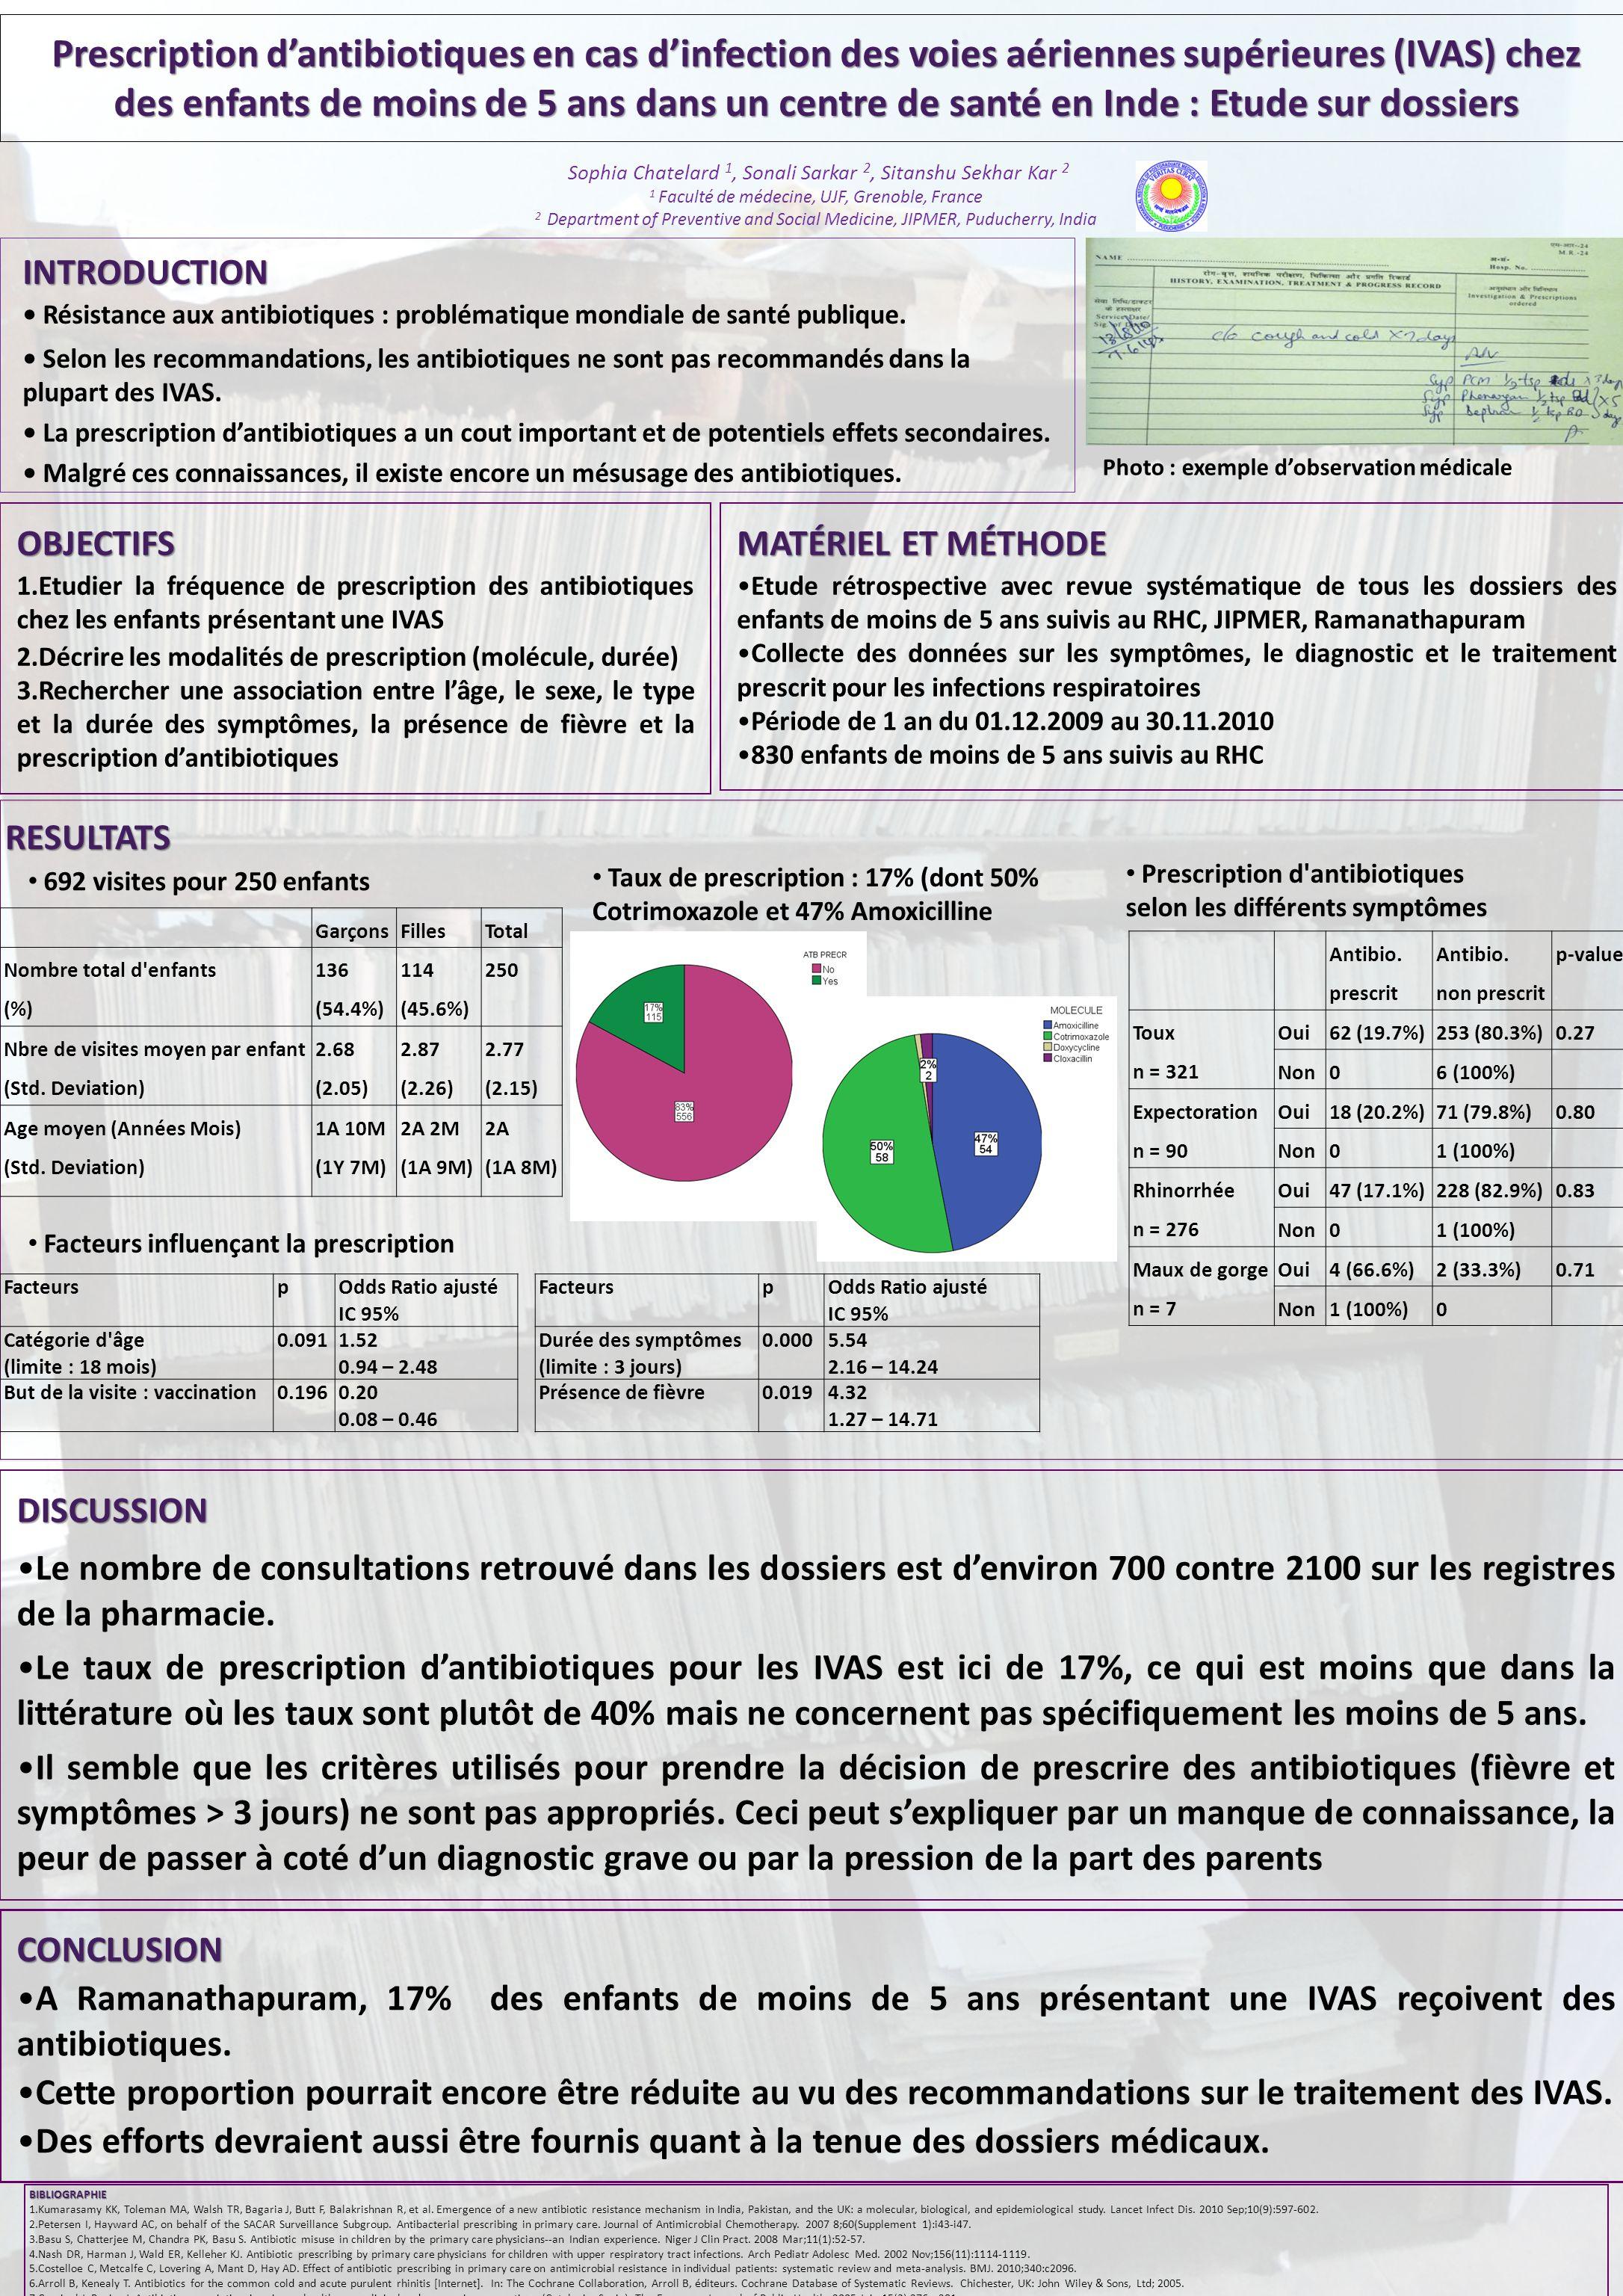 Prescription dantibiotiques en cas dinfection des voies aériennes supérieures (IVAS) chez des enfants de moins de 5 ans dans un centre de santé en Ind